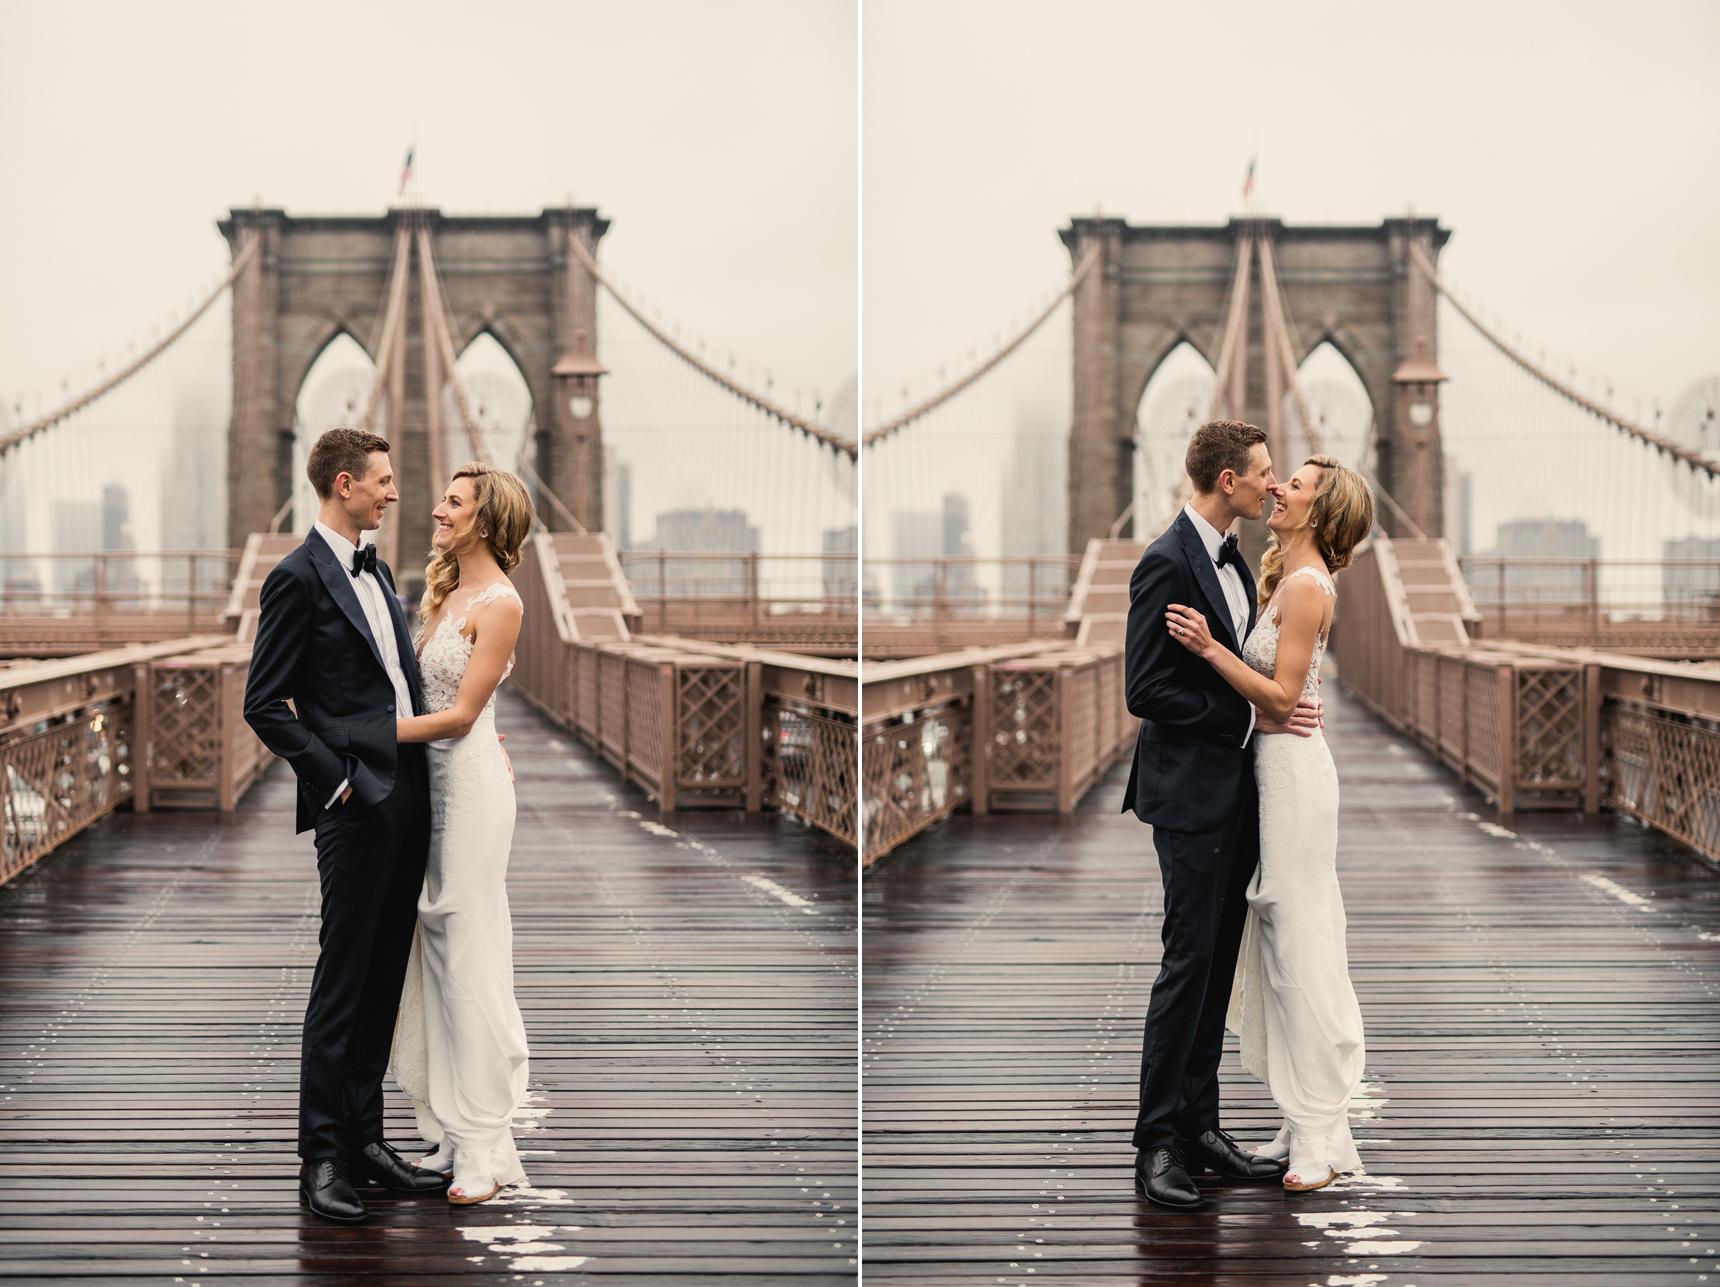 Jory_LoebBoathouse_CentralPark_NewYork_WeddingPhotographer060.jpg